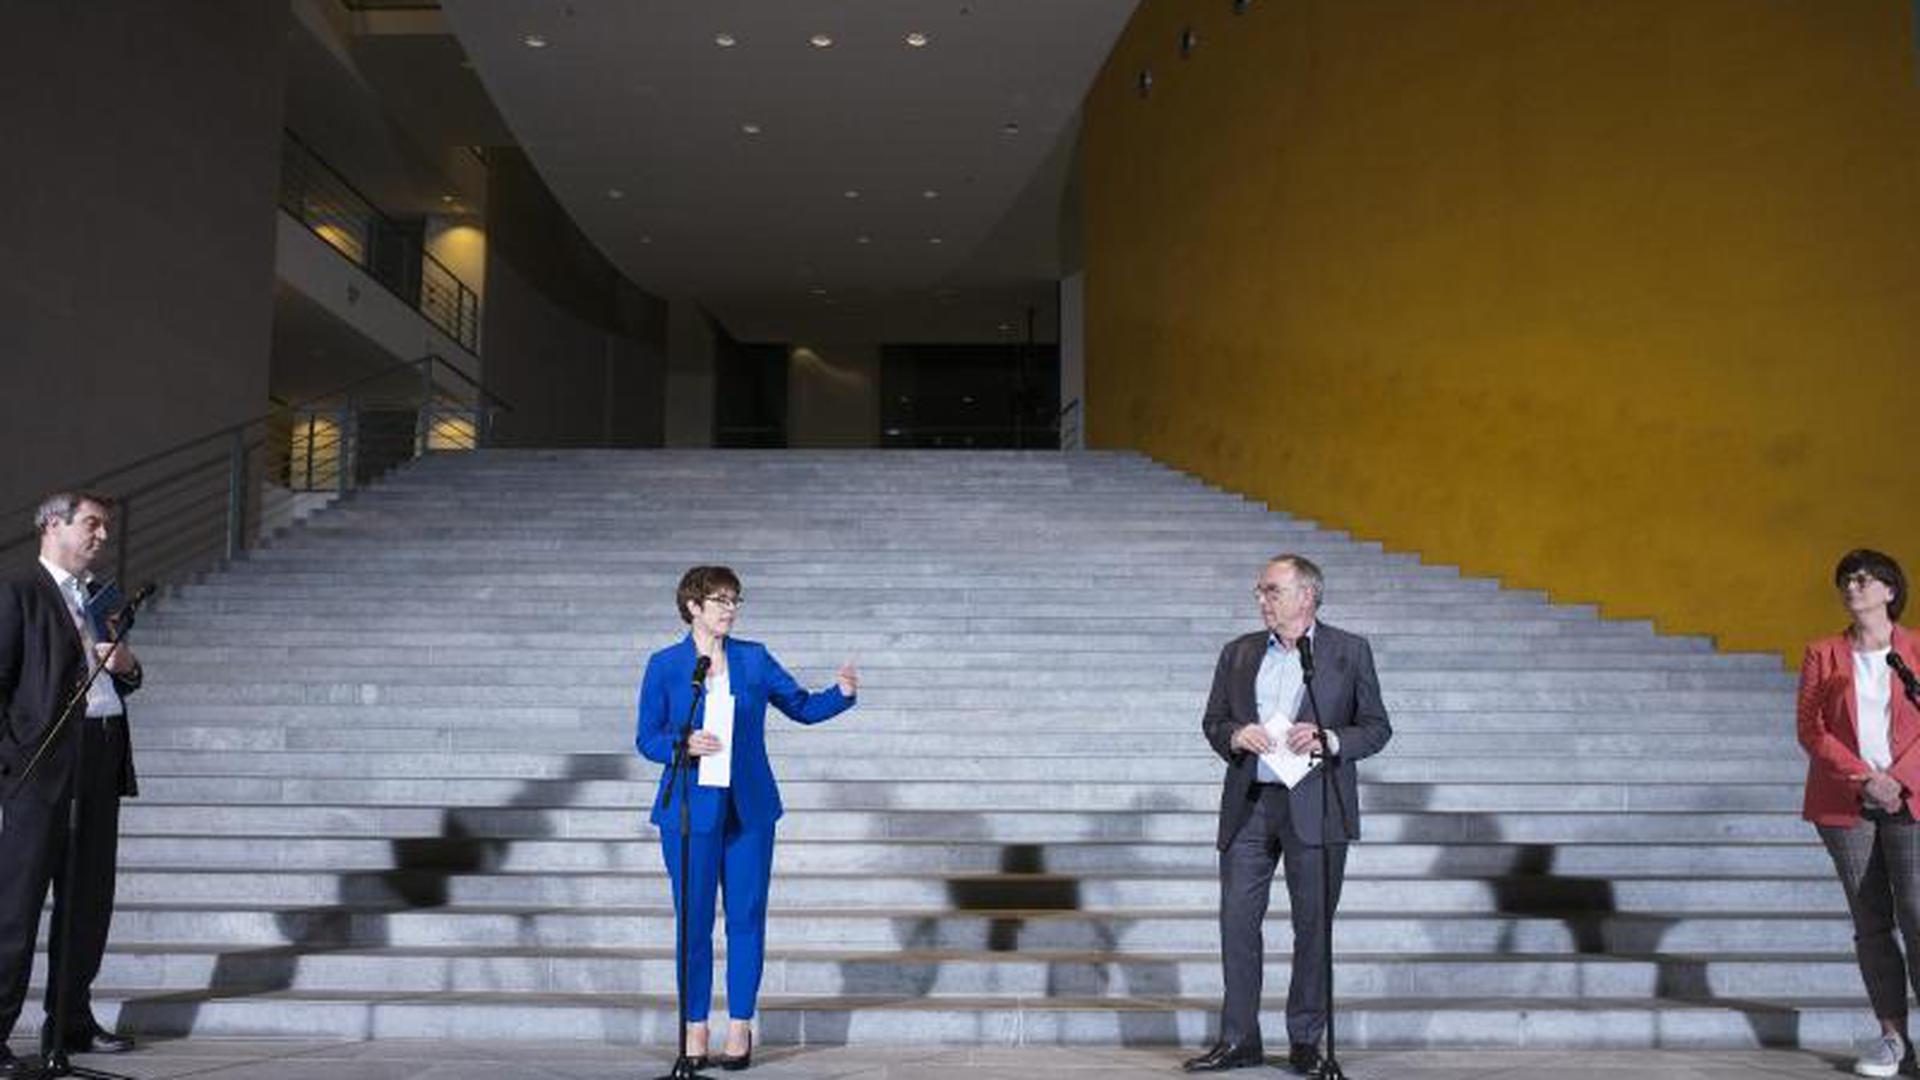 Markus Söder (CSU, von links nach rechts), Ministerpräsident von Bayern, Annegret Kramp-Karrenbauer, Vorsitzende der CDU, Norbert Walter-Borjans, Vorsitzender der SPD, und Saskia Esken, Vorsitzende der SPD, sprechen nach der Sitzung zu Journalisten.